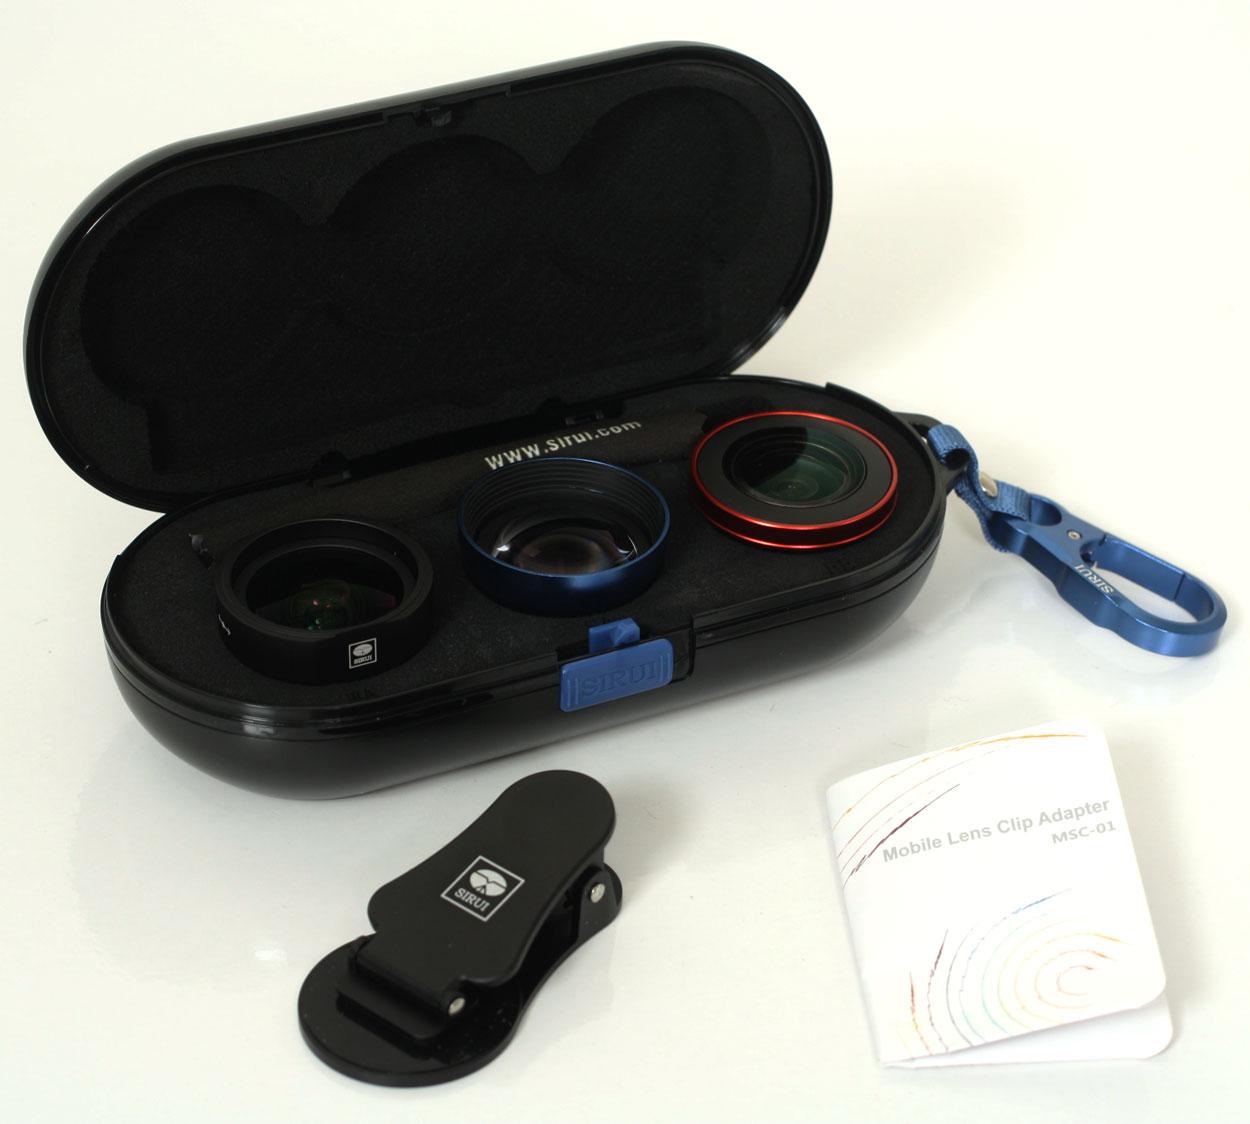 シルイ スマホ用高品質トリプルレンズキット ワイド+ポートレート+フィッシュアイ スマートフォン補助レンズセット WPF-01KBR+MSC-01 (レンズクリップ・ケース付)[02P05Nov16]